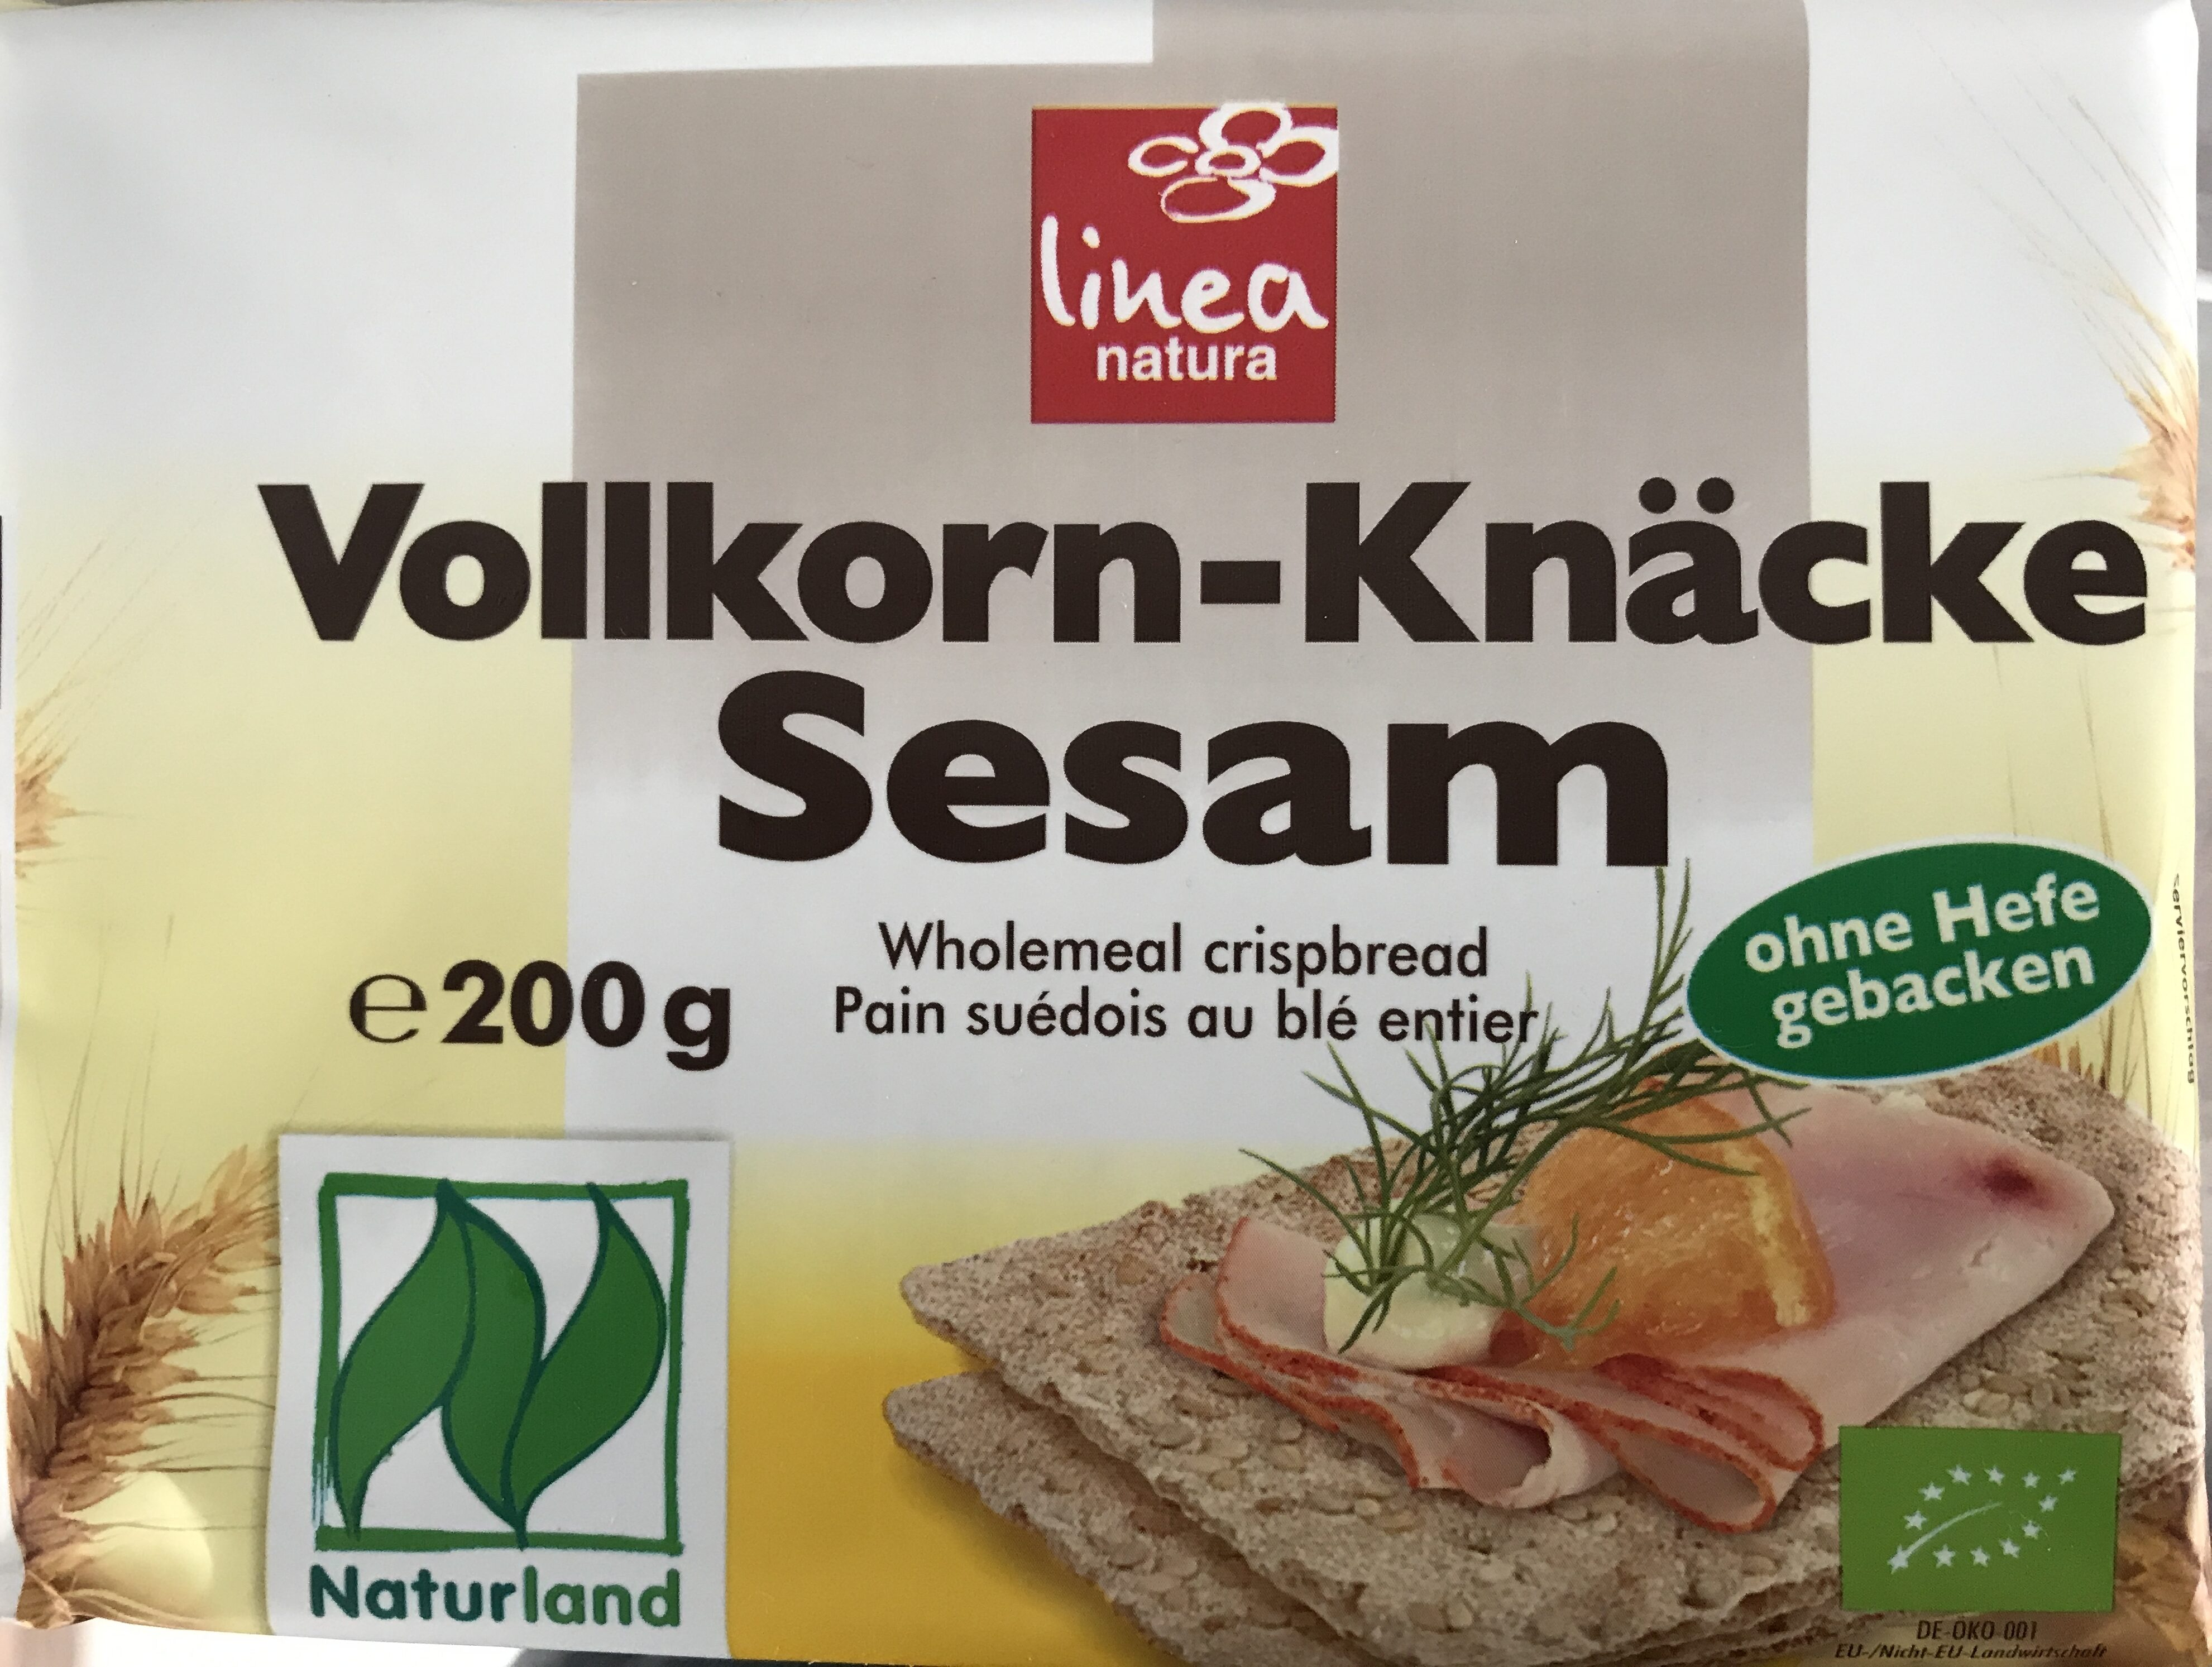 Vollkorn-Knäcke Sesam - Product - de